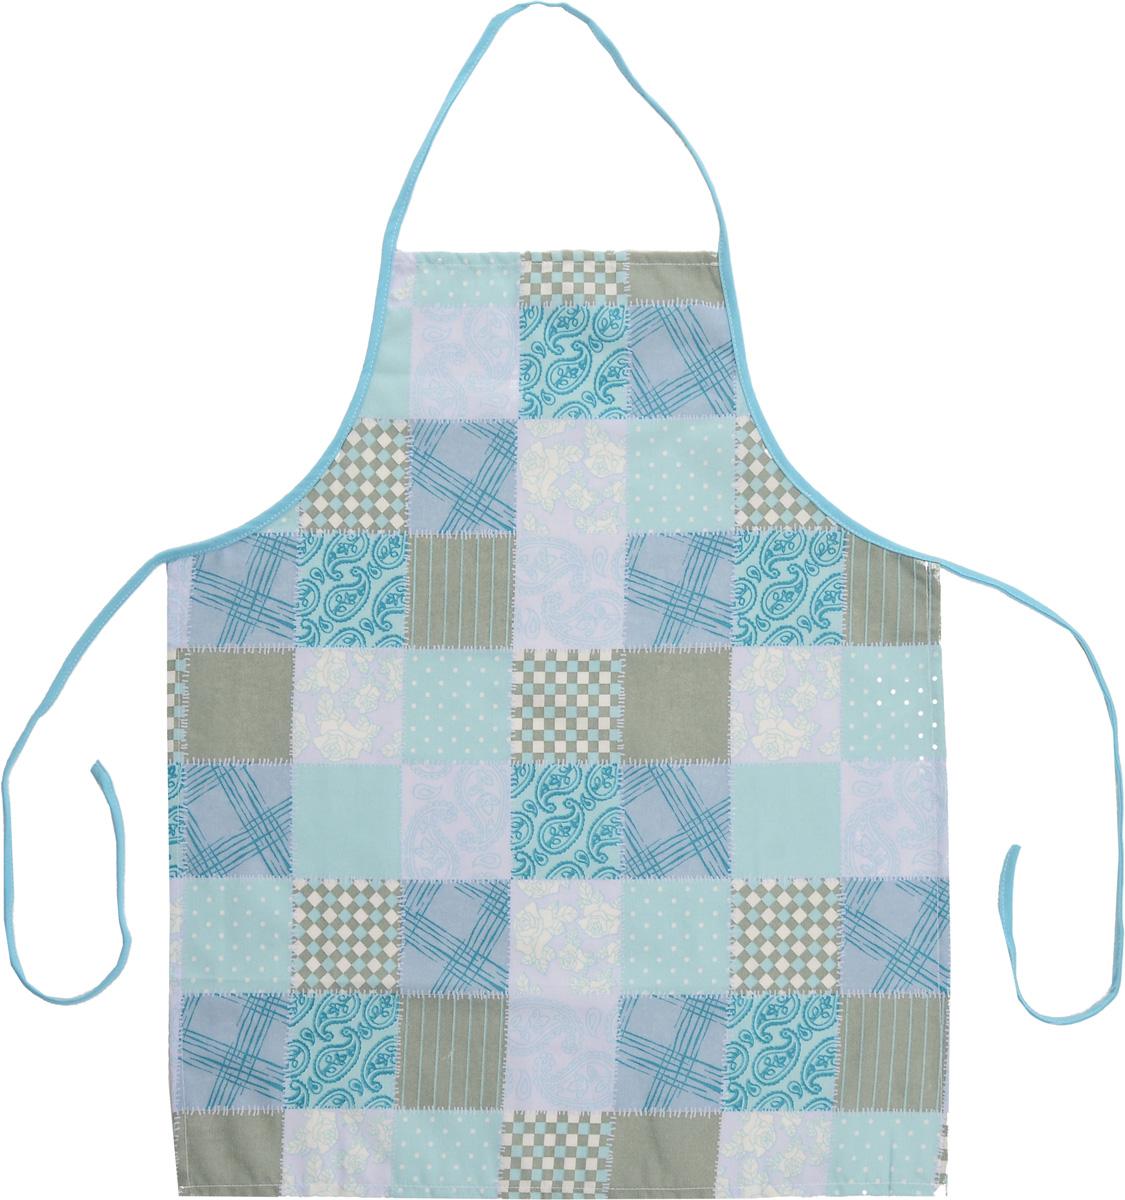 Фартук Bonita Голубика, 56 х 67 см14010815709Фартук Bonita Голубика изготовлен из натурального хлопка с покрытием, которое отталкивает грязь, воду и масло. Фартук оснащен завязками. Имеет универсальный размер. Декорирован красивым узором, который понравится любой хозяйке.Такой фартук поможет вам избежать попадания еды на одежду во время приготовления пищи. Кухня - это сердце дома, где вся семья собирается вместе. Она бережно хранит и поддерживает жизнь домашнего очага, который нас согревает. Именно поэтому так важно создать здесь атмосферу, которая не только возбудит аппетит, но и наполнит жизненной энергией. С текстилем Bonita открывается возможность не только каждый день дарить кухне новый облик, но и создавать настоящие кулинарные шедевры. Bonita станет незаменимым помощником и идейным вдохновителем, создающим вкусное настроение на вашей кухне.